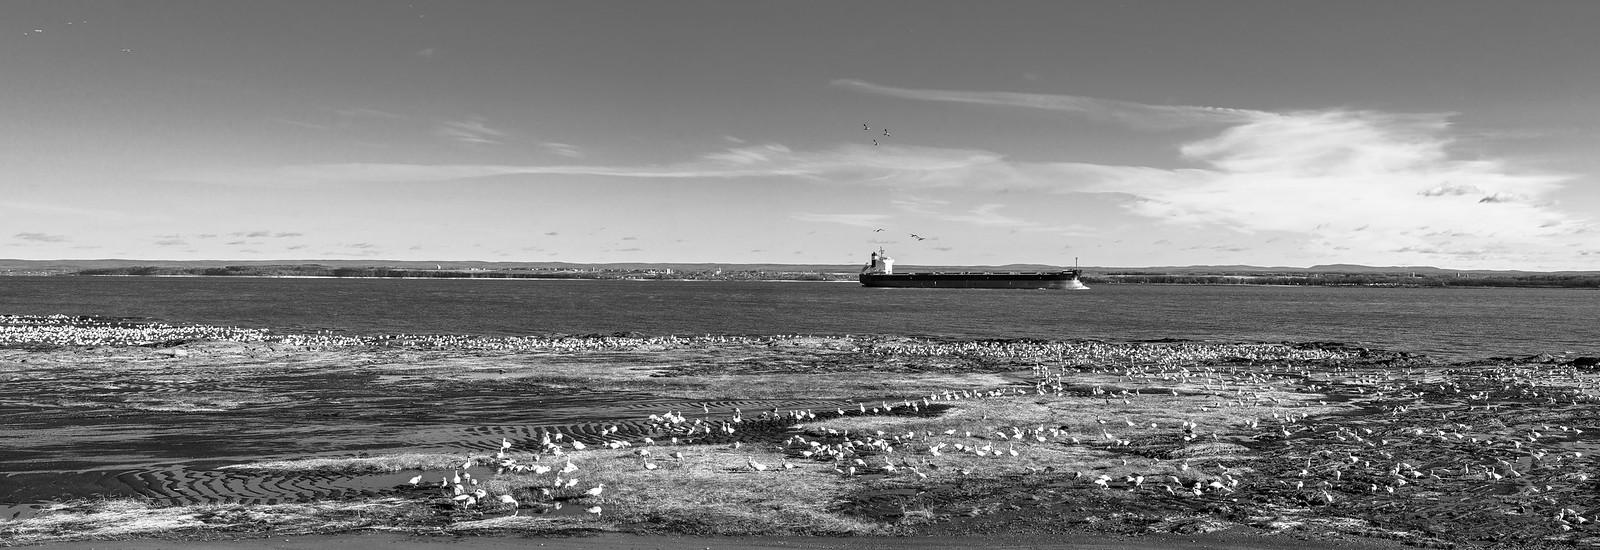 En regardant passer les bateaux (Ajour +1 N&B) 37683839834_4475728bc7_h